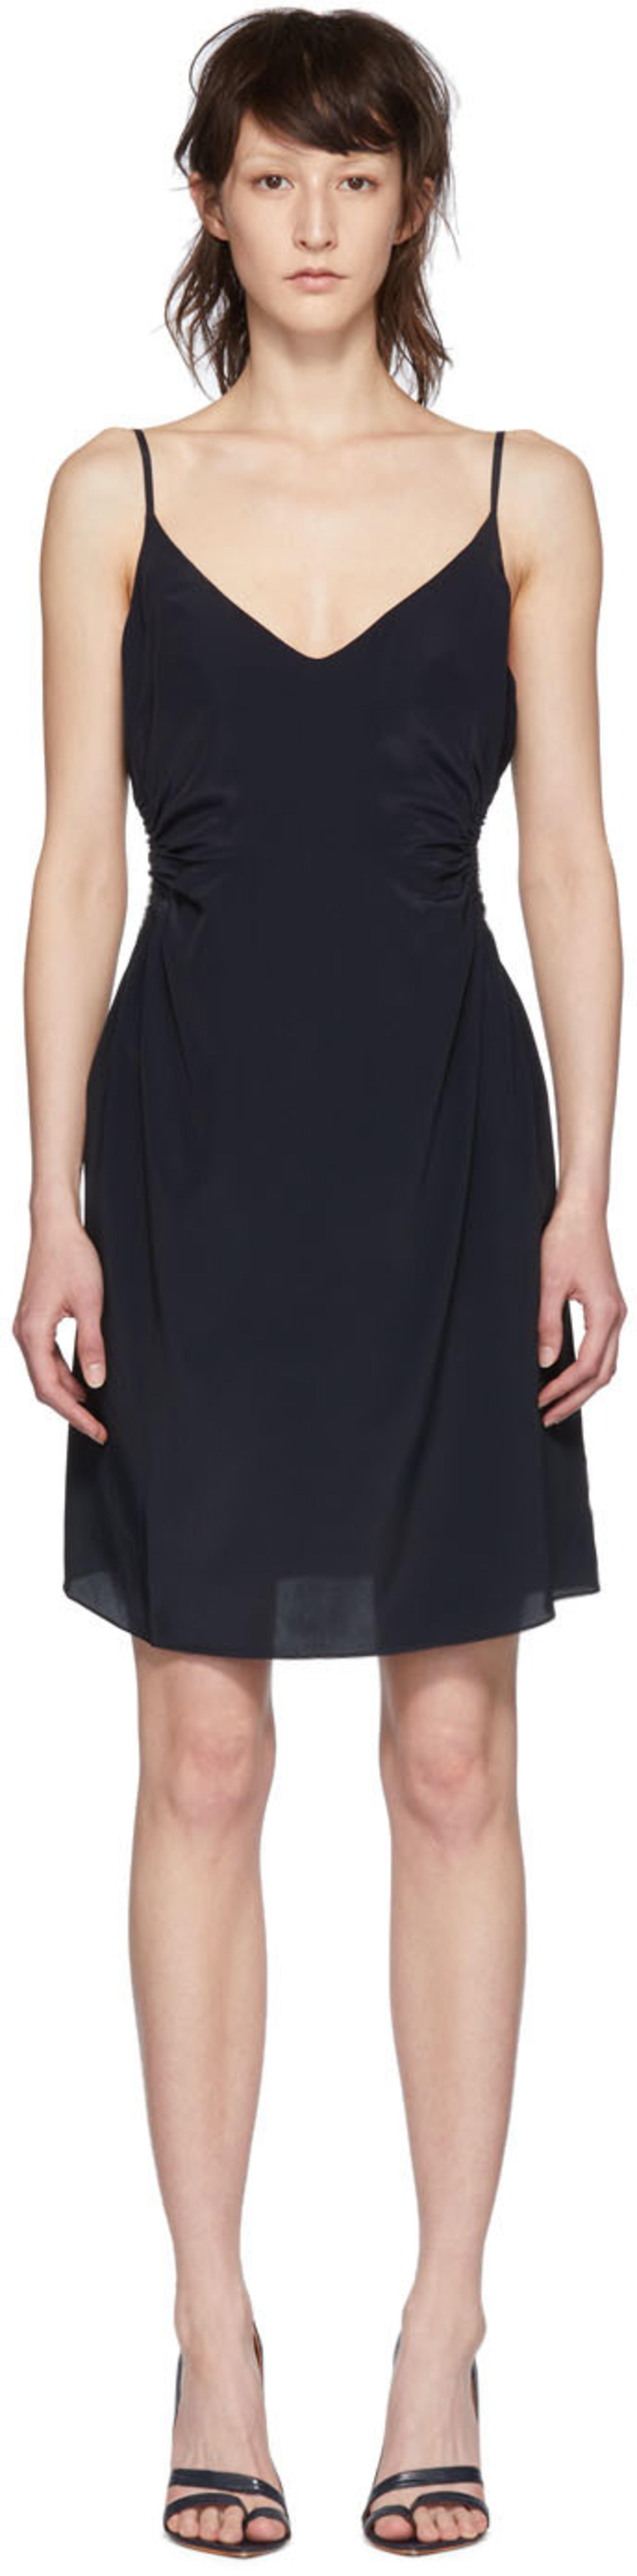 531ef8737f6 Designer Clothes